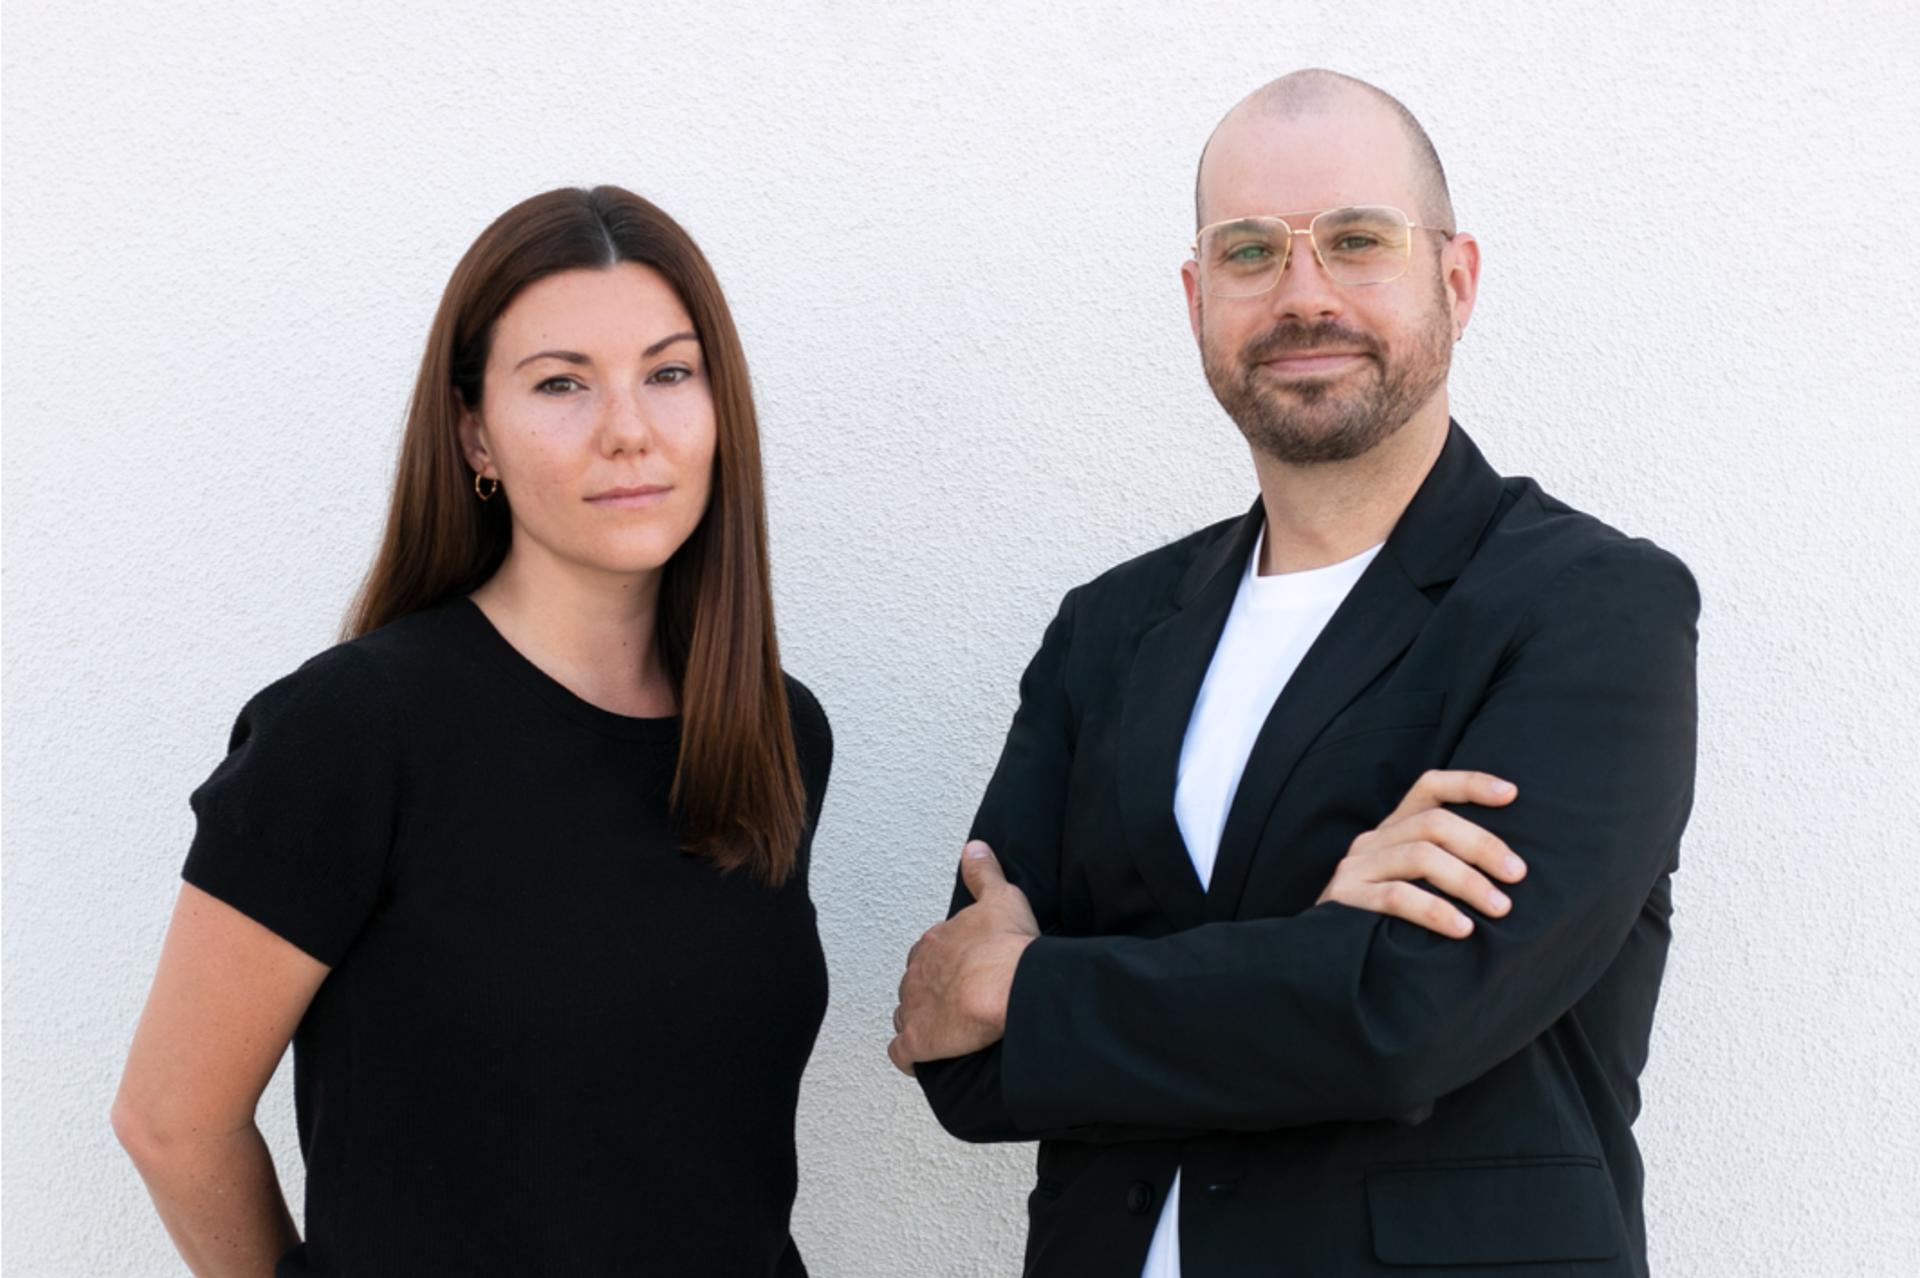 Stephanie Dudzinski and Bryan Barcena Photo: Caroline Wallis